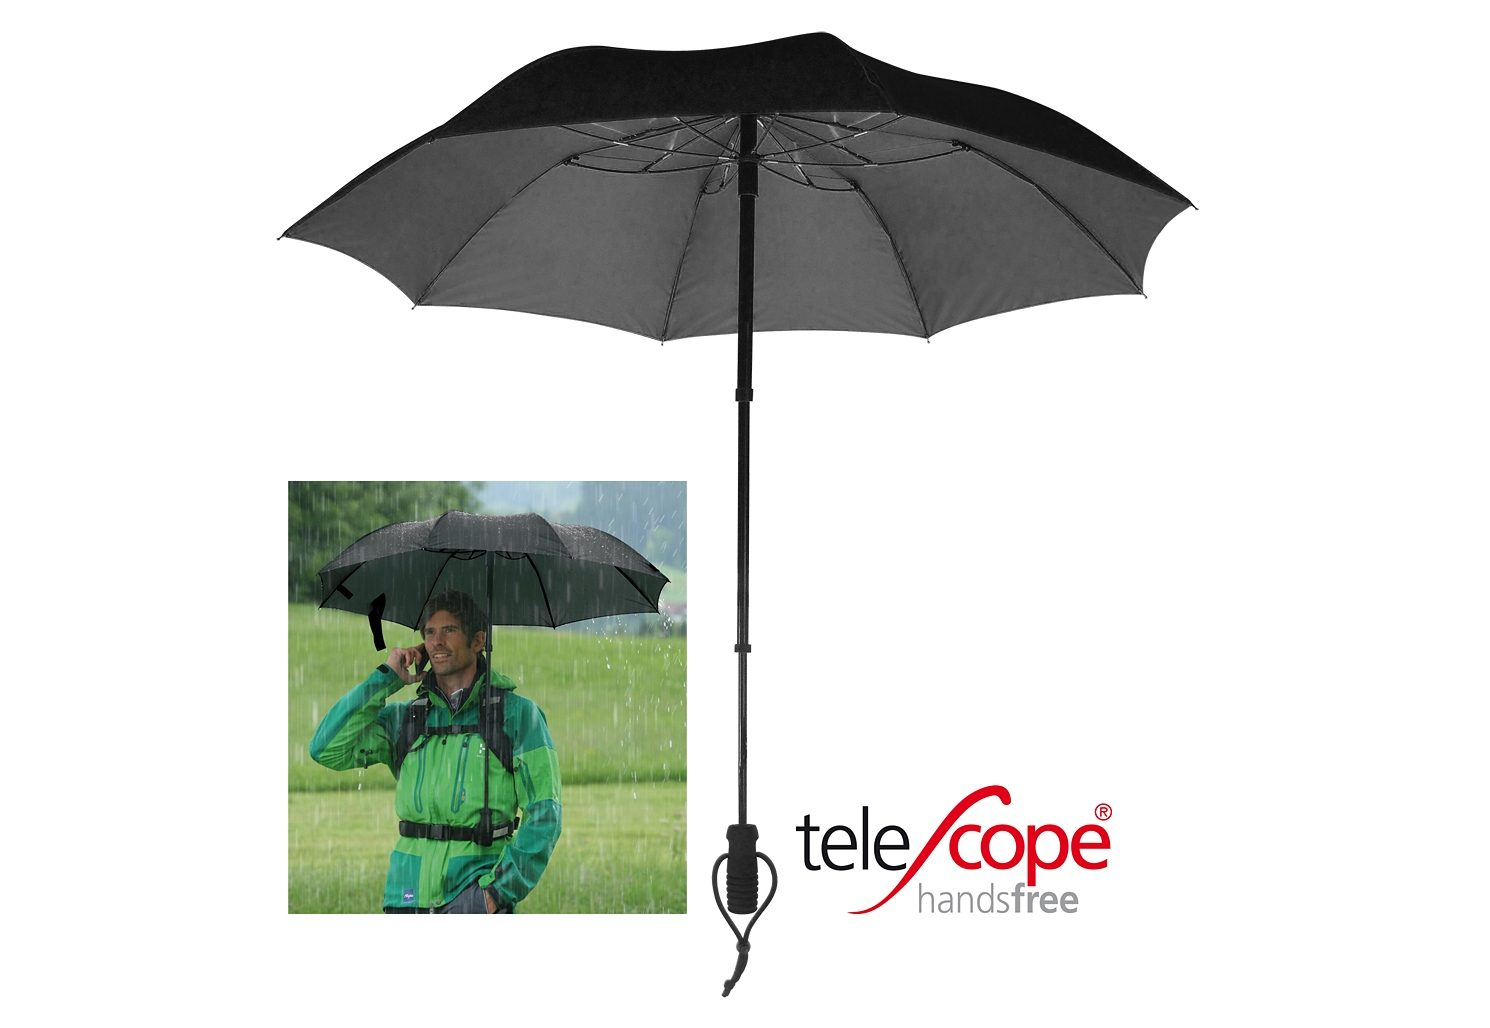 Euroschirm® Regenschirm, »teleScope handsfree«